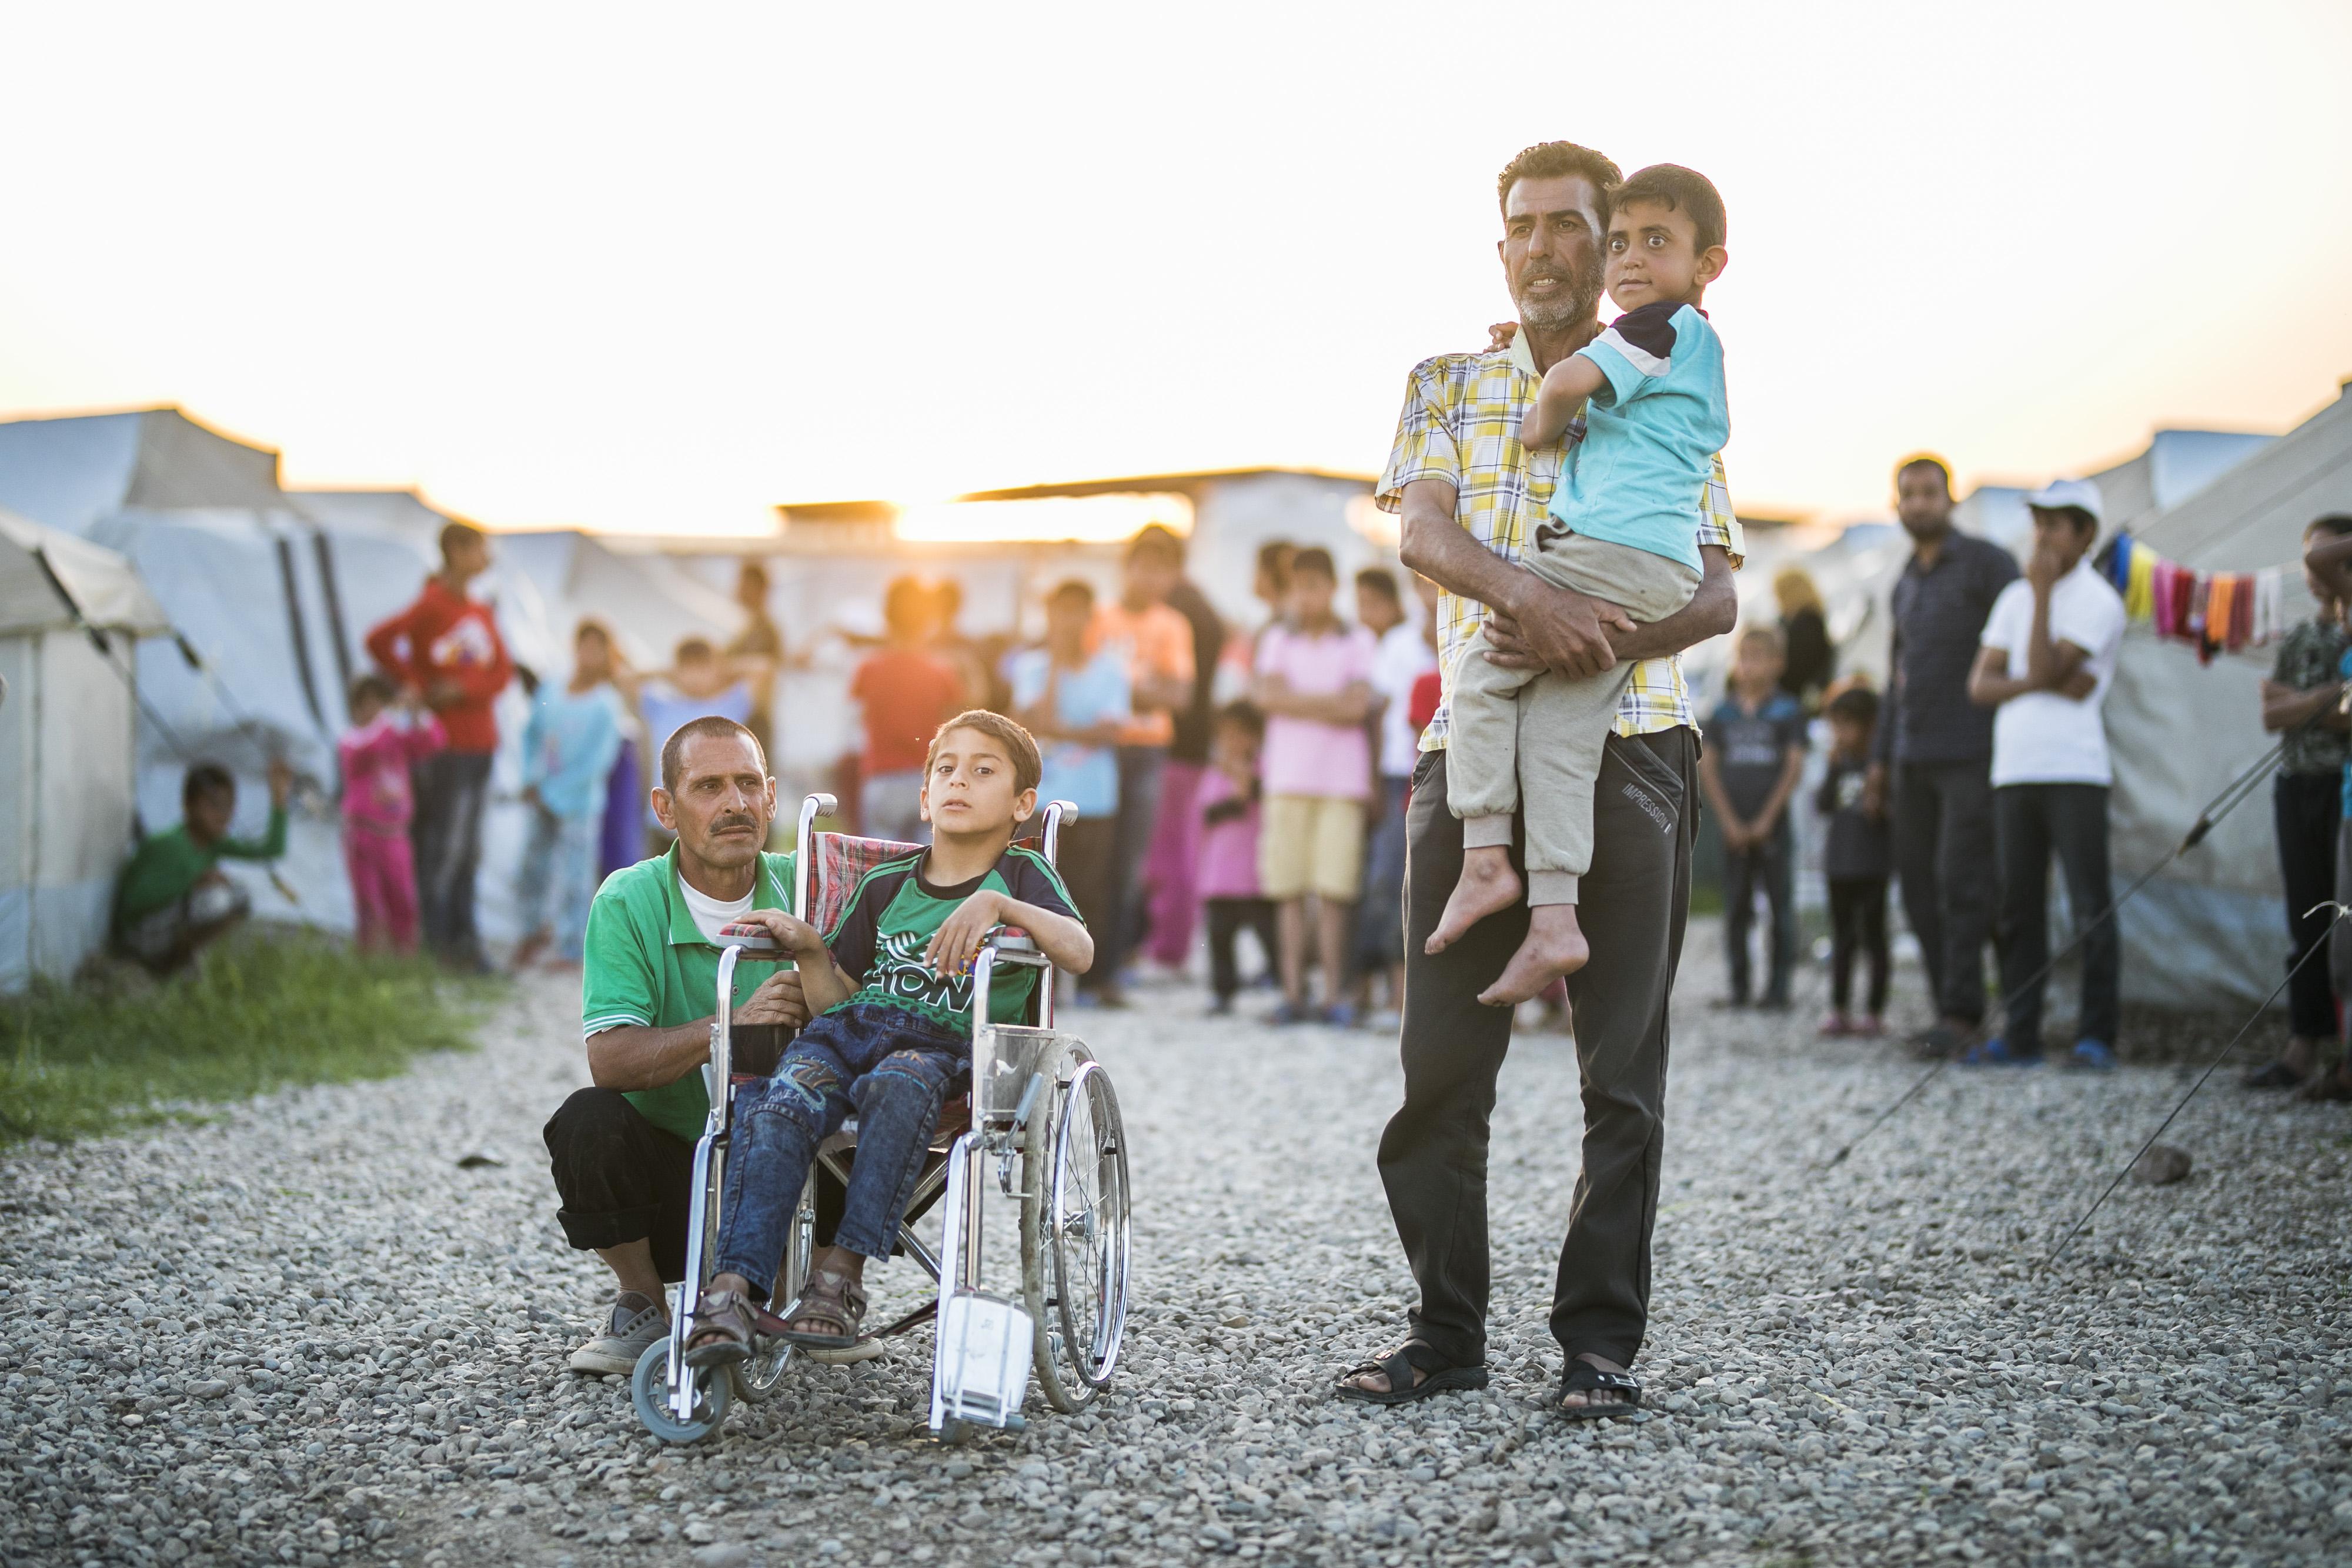 Zwei Kinder mit Behinderung in einem Flüchtlingslager im Irak